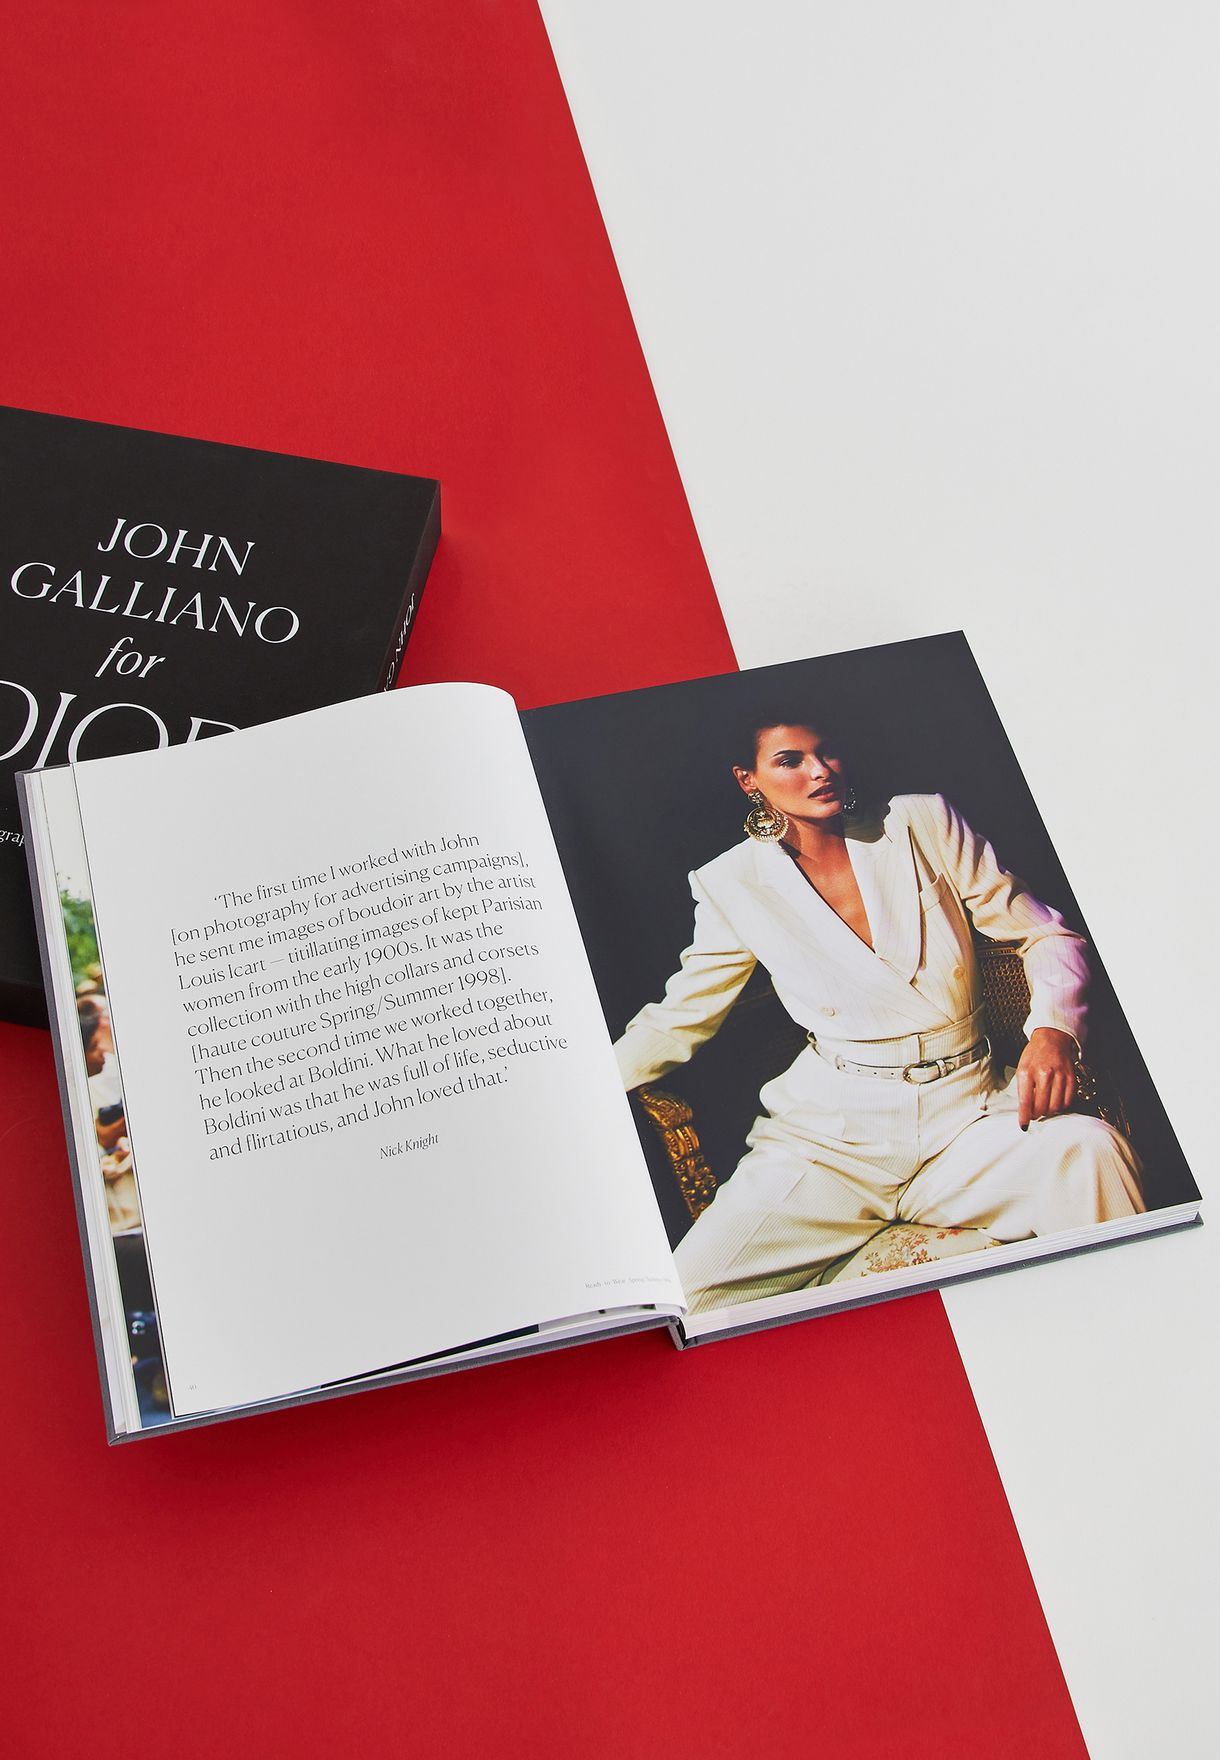 كتاب جون غاليانو  عن ديور